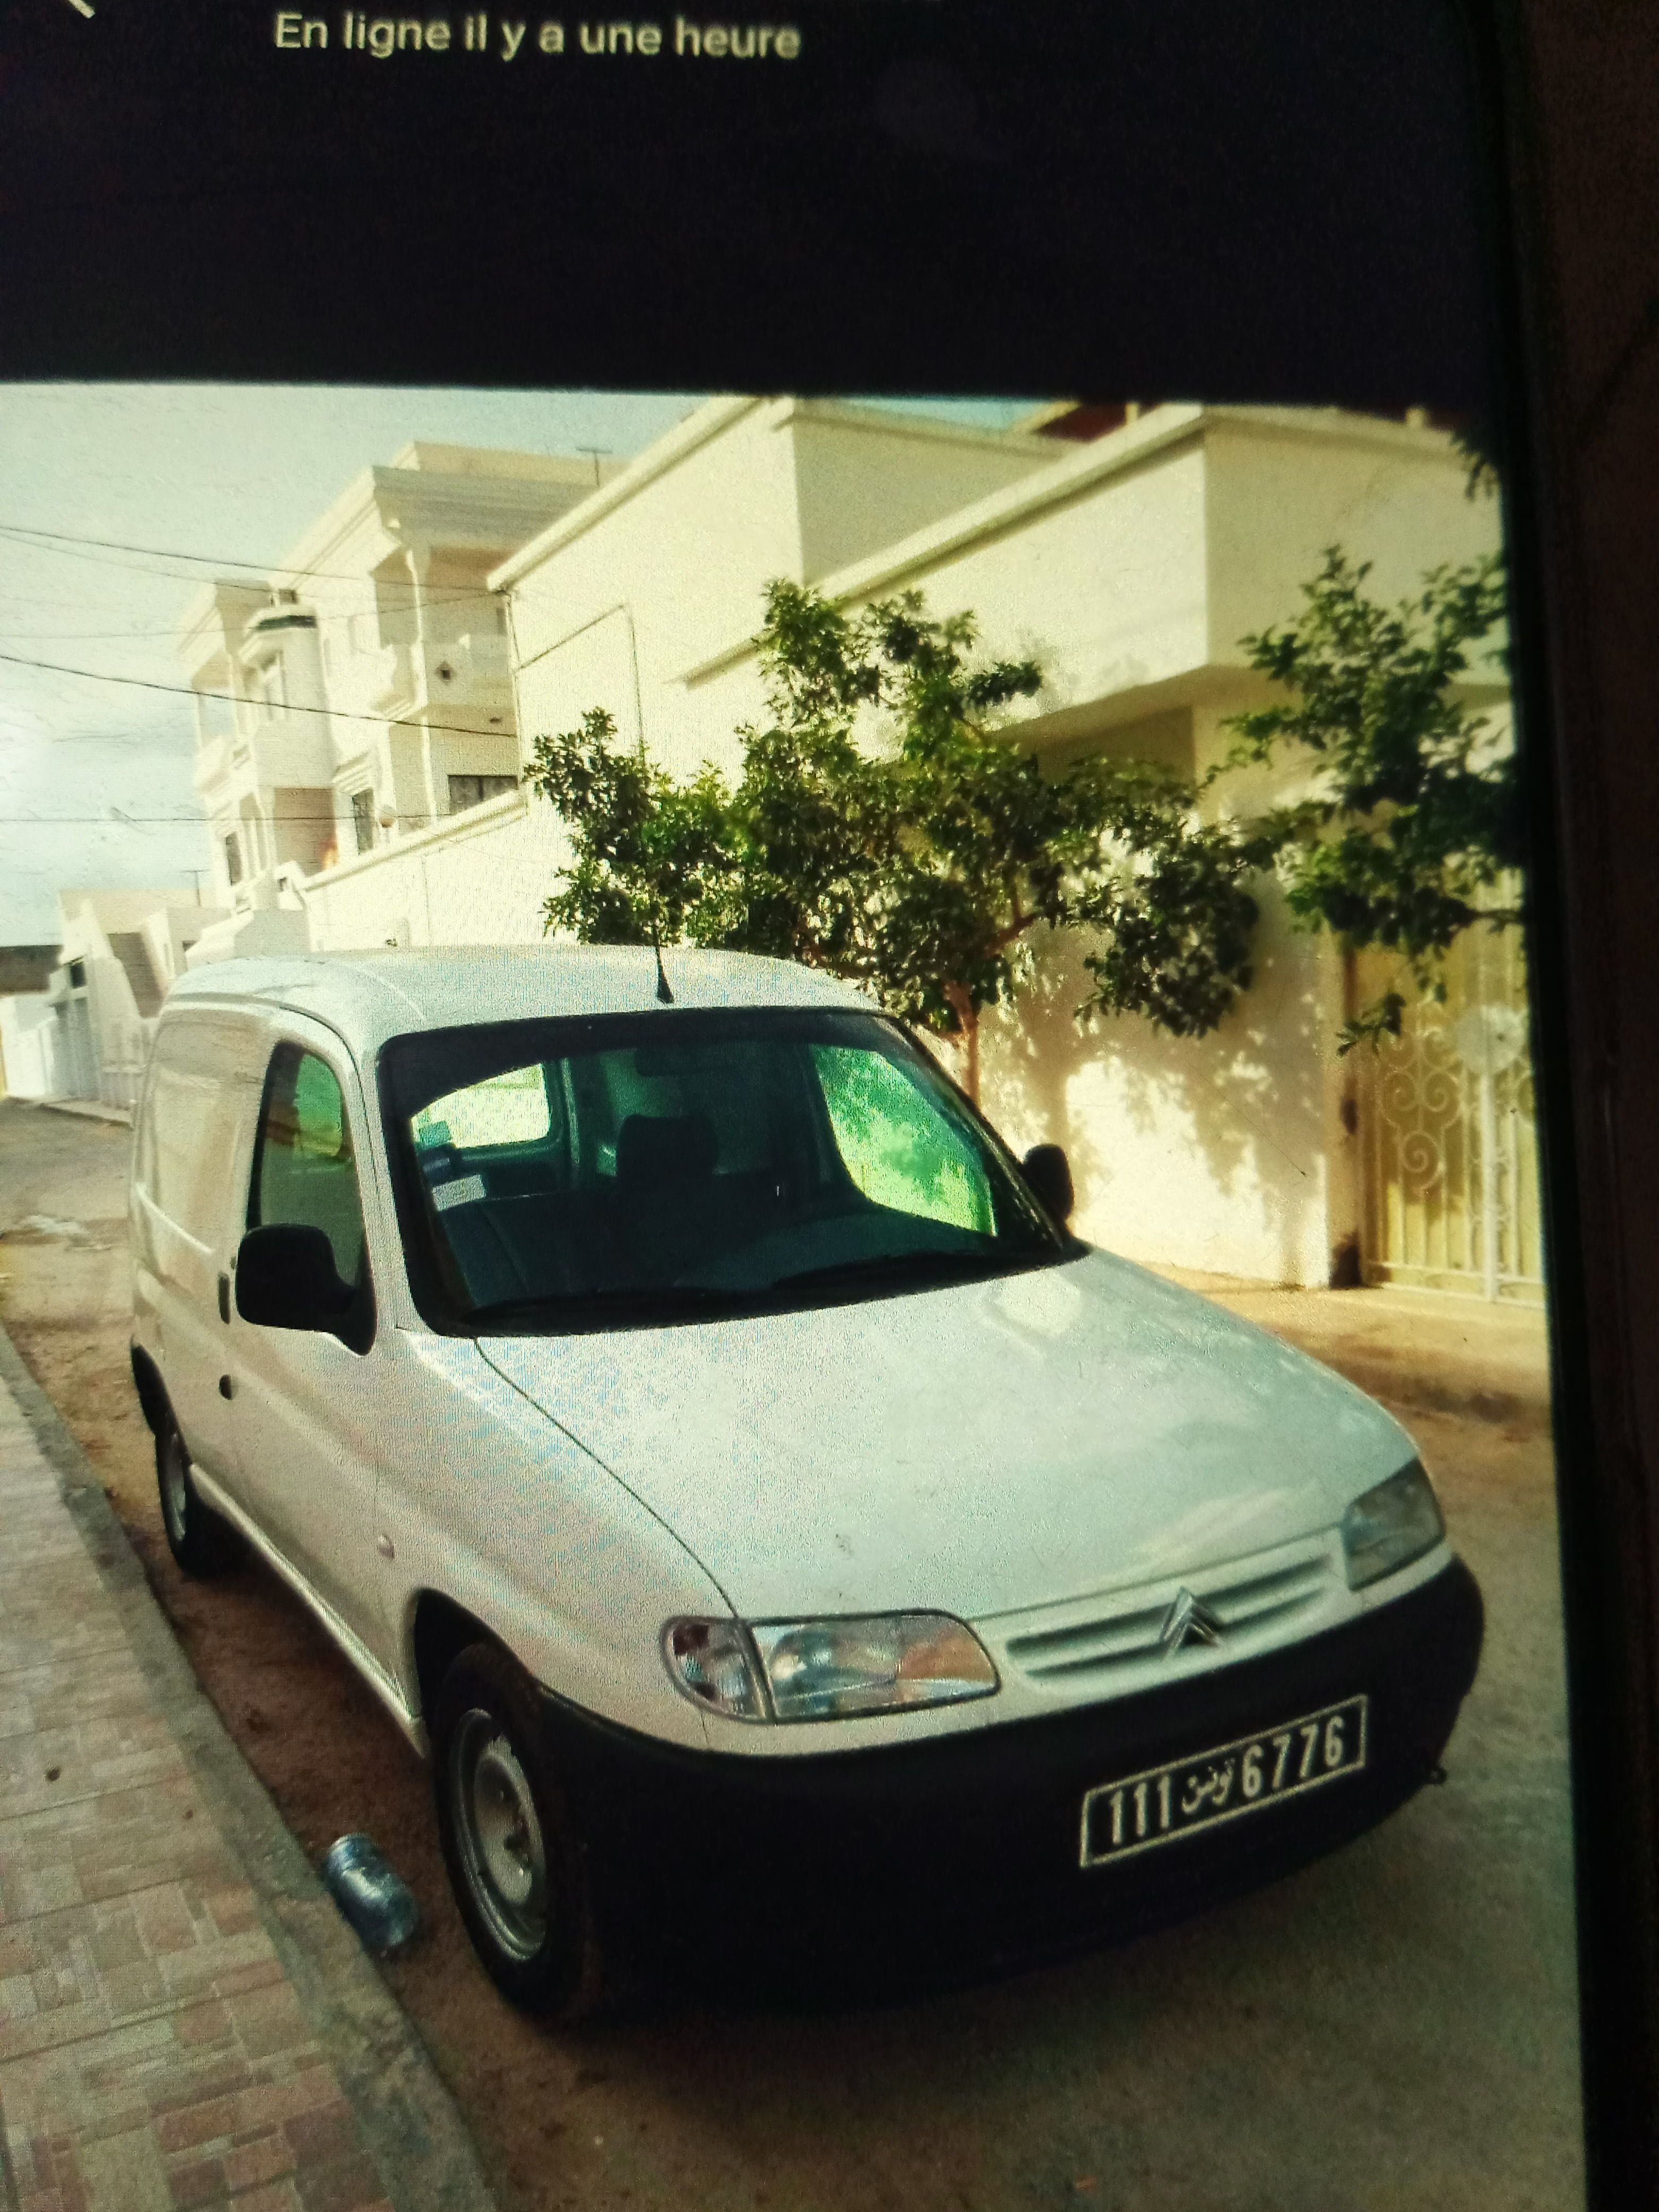 vente voiture occasion utilitaire tunisie citroen berlingo van